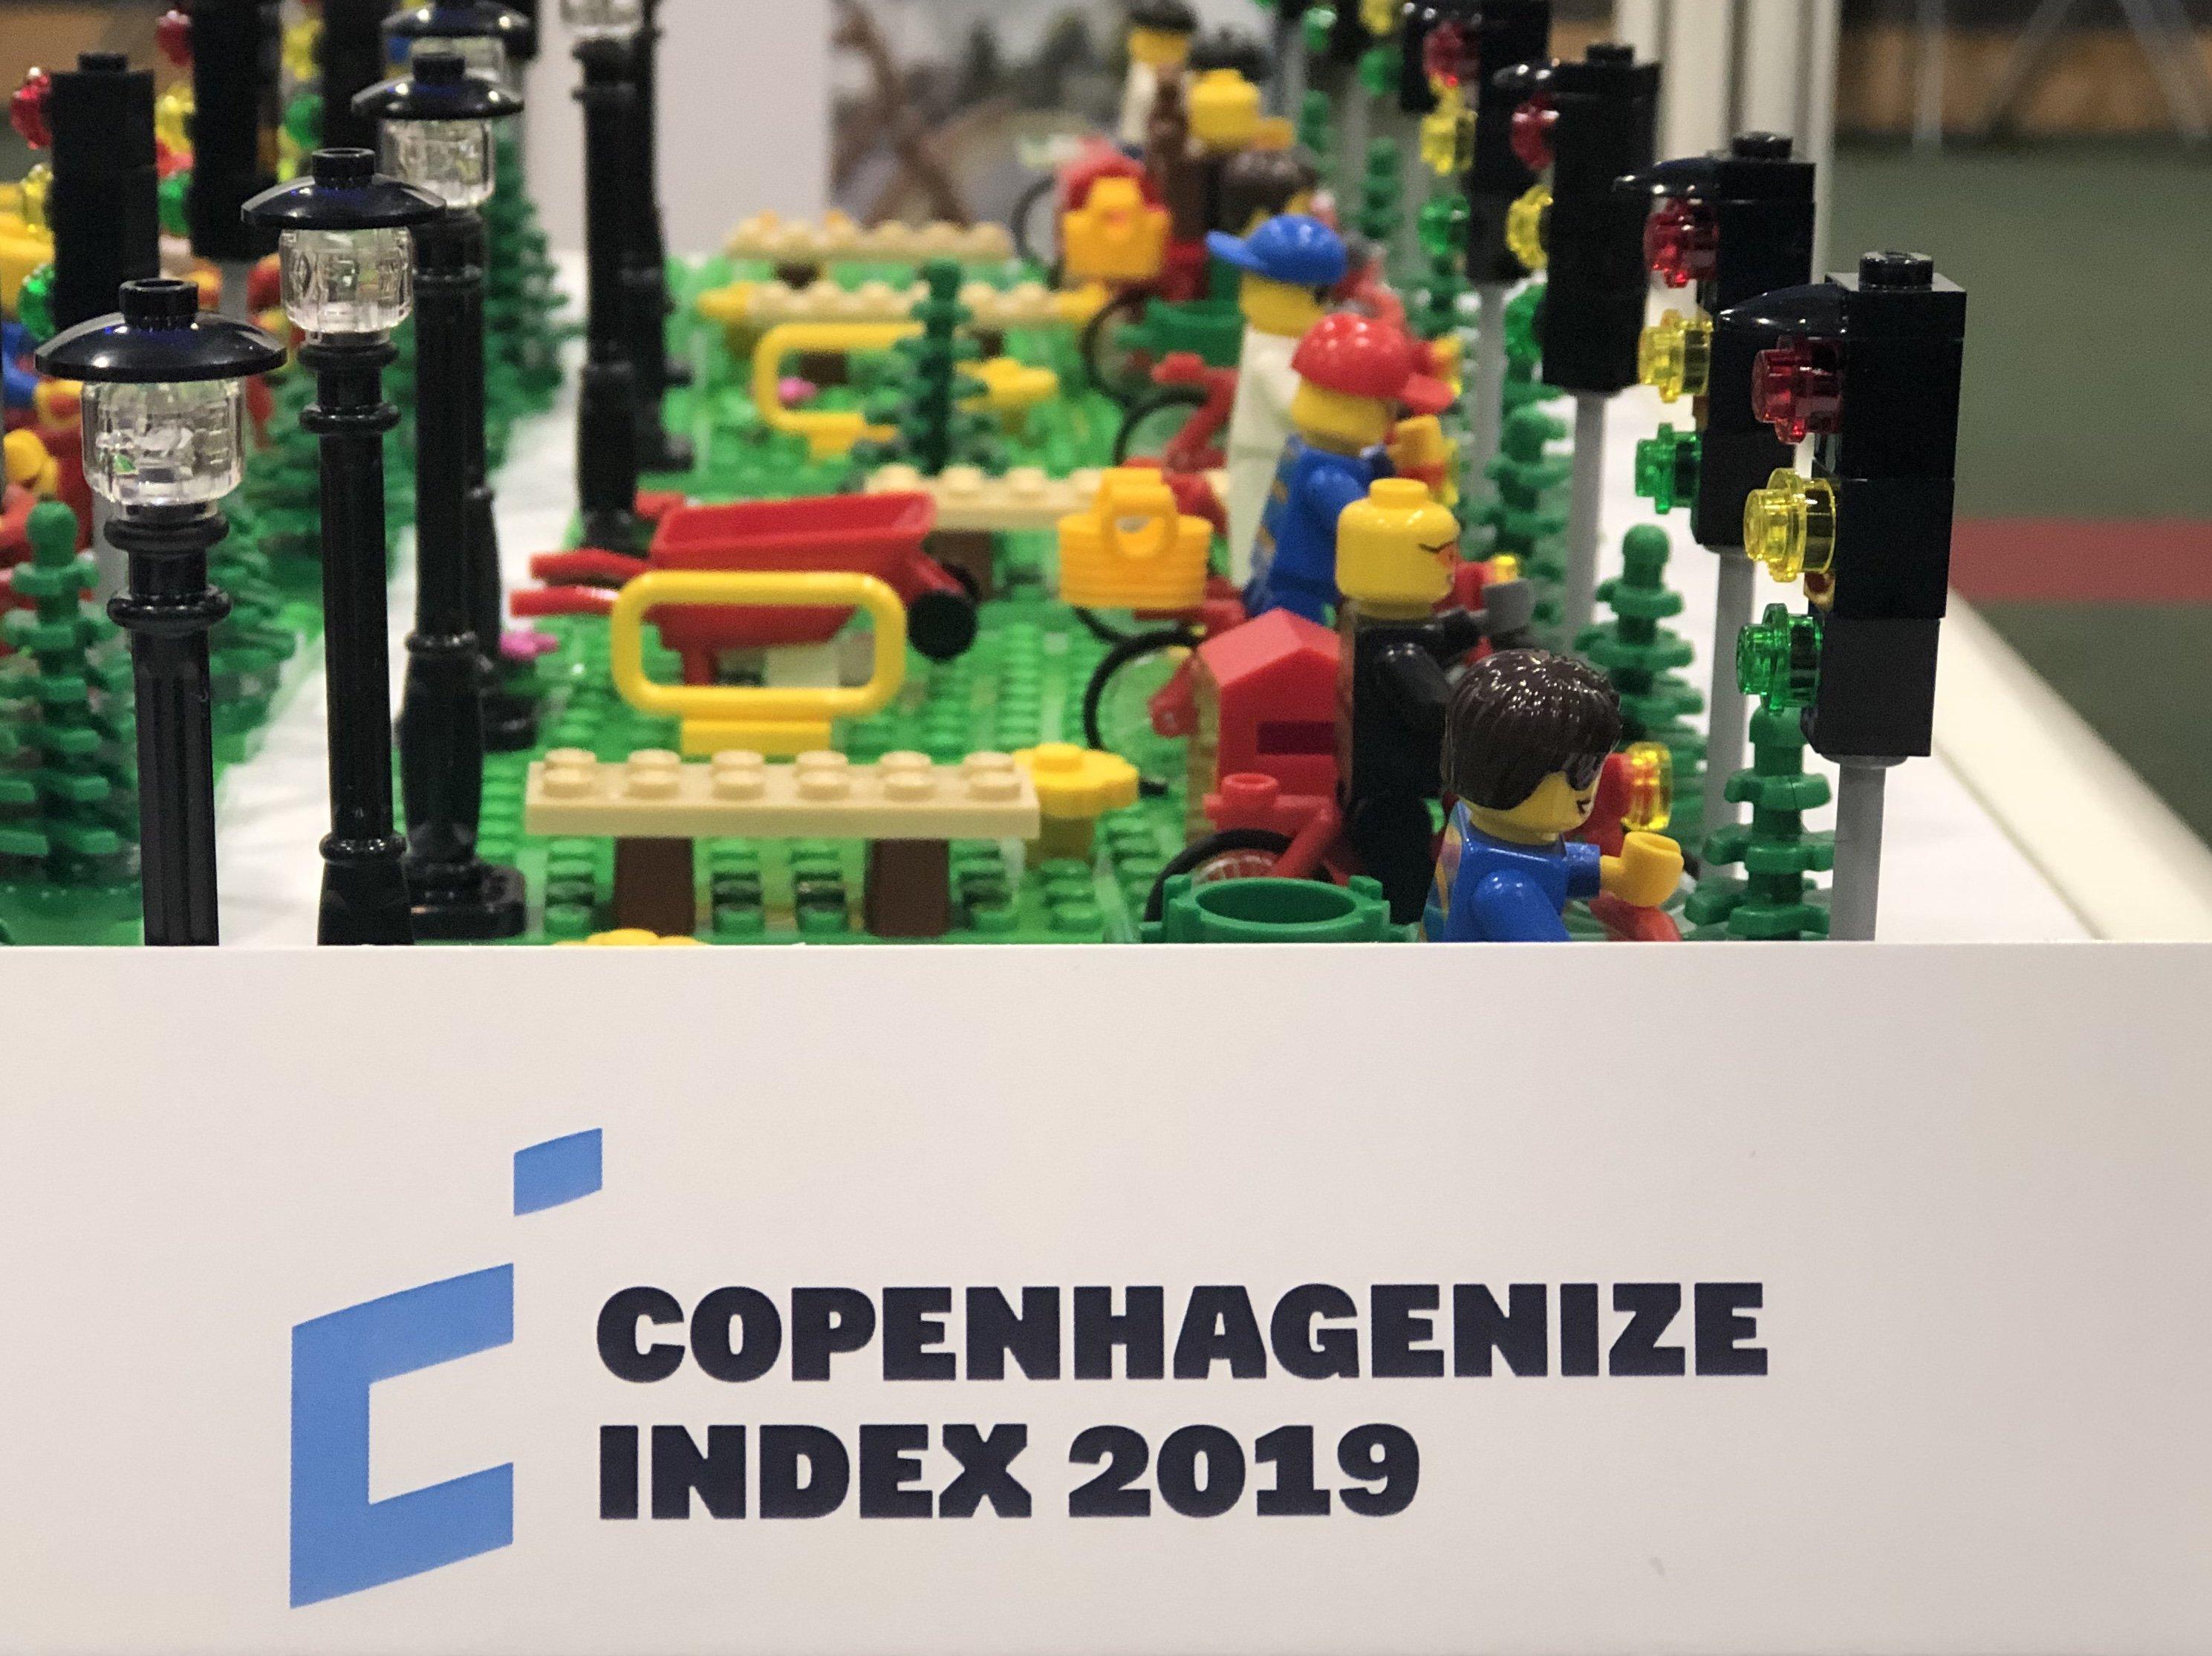 Copenhagenize-Index